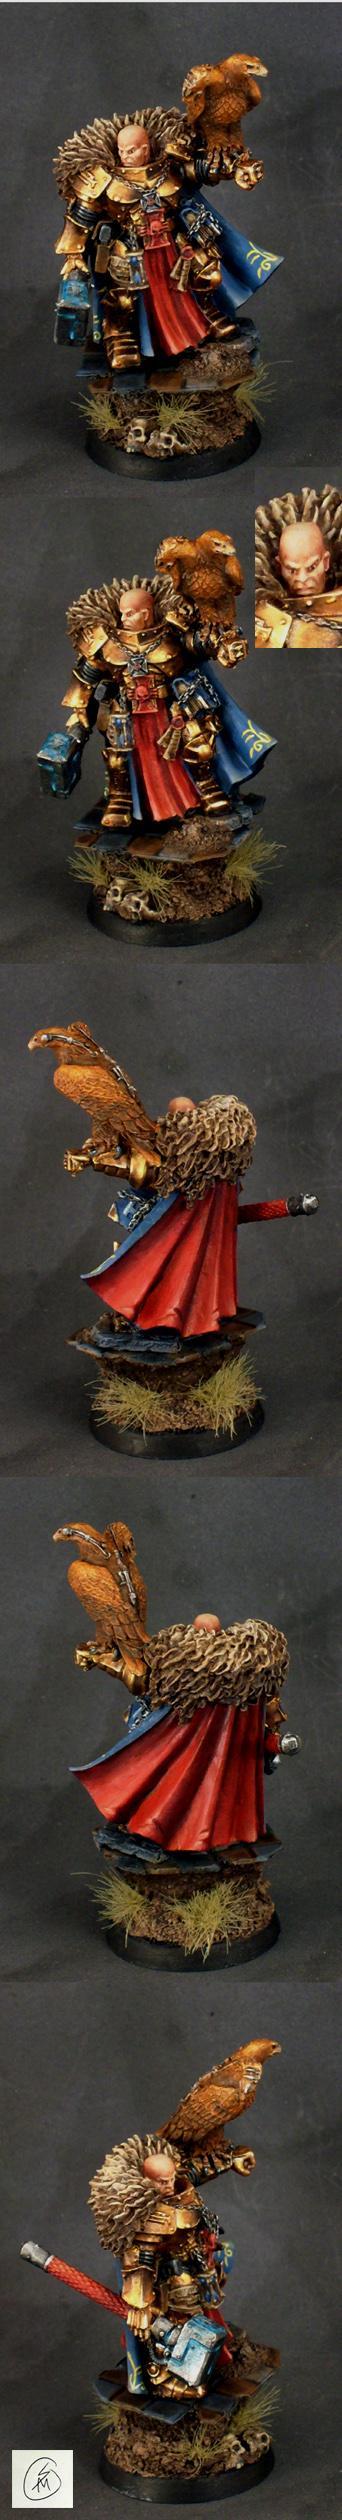 Cotaez, Imperial, Inquisition, Inquisitor, Miniature